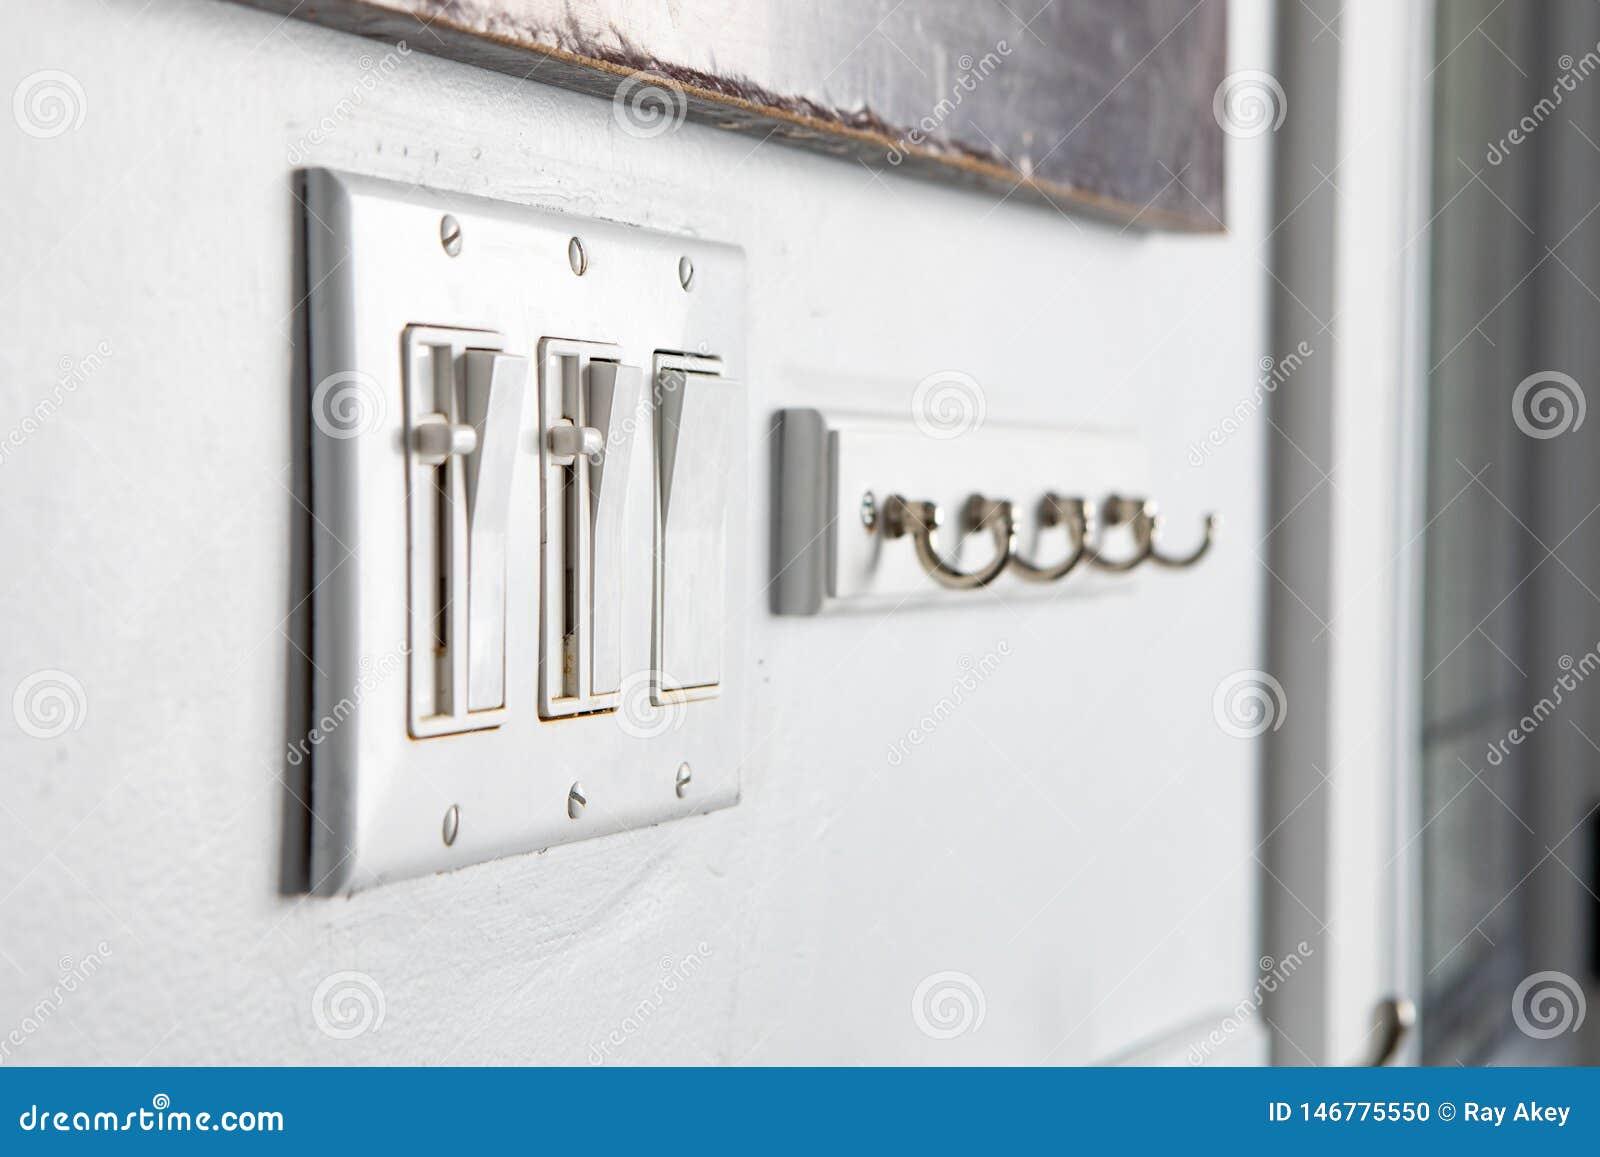 Conmutadores diversos del botón del poder del hogar de los artículos que cuelgan el sistema de la combinación de los ganchos